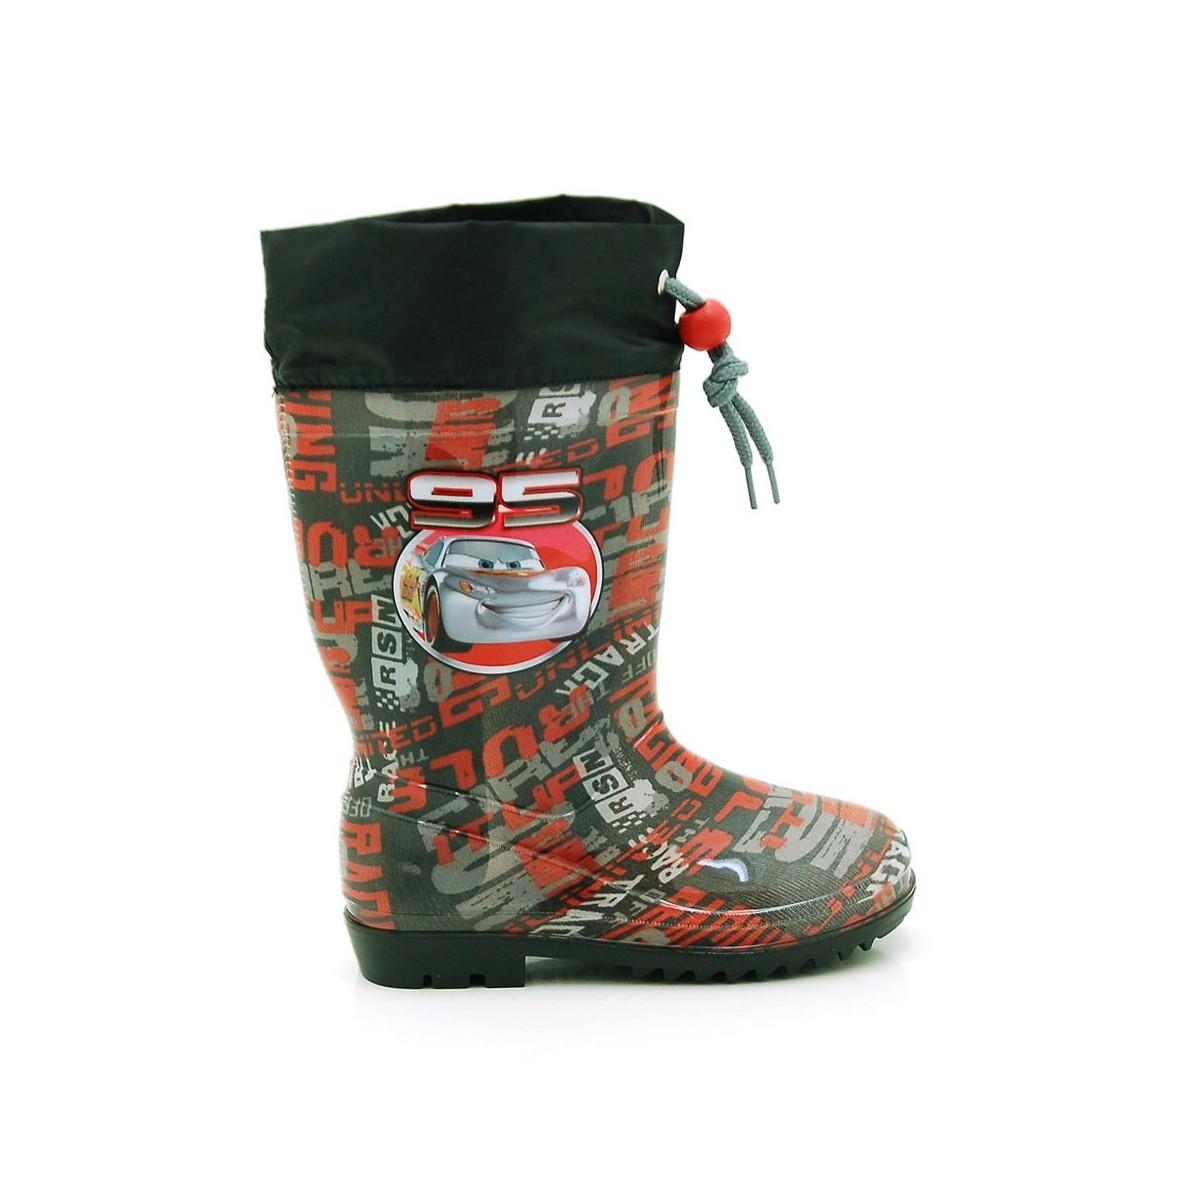 botas-de-agua-nino-cars-disney-botas-de-agua.